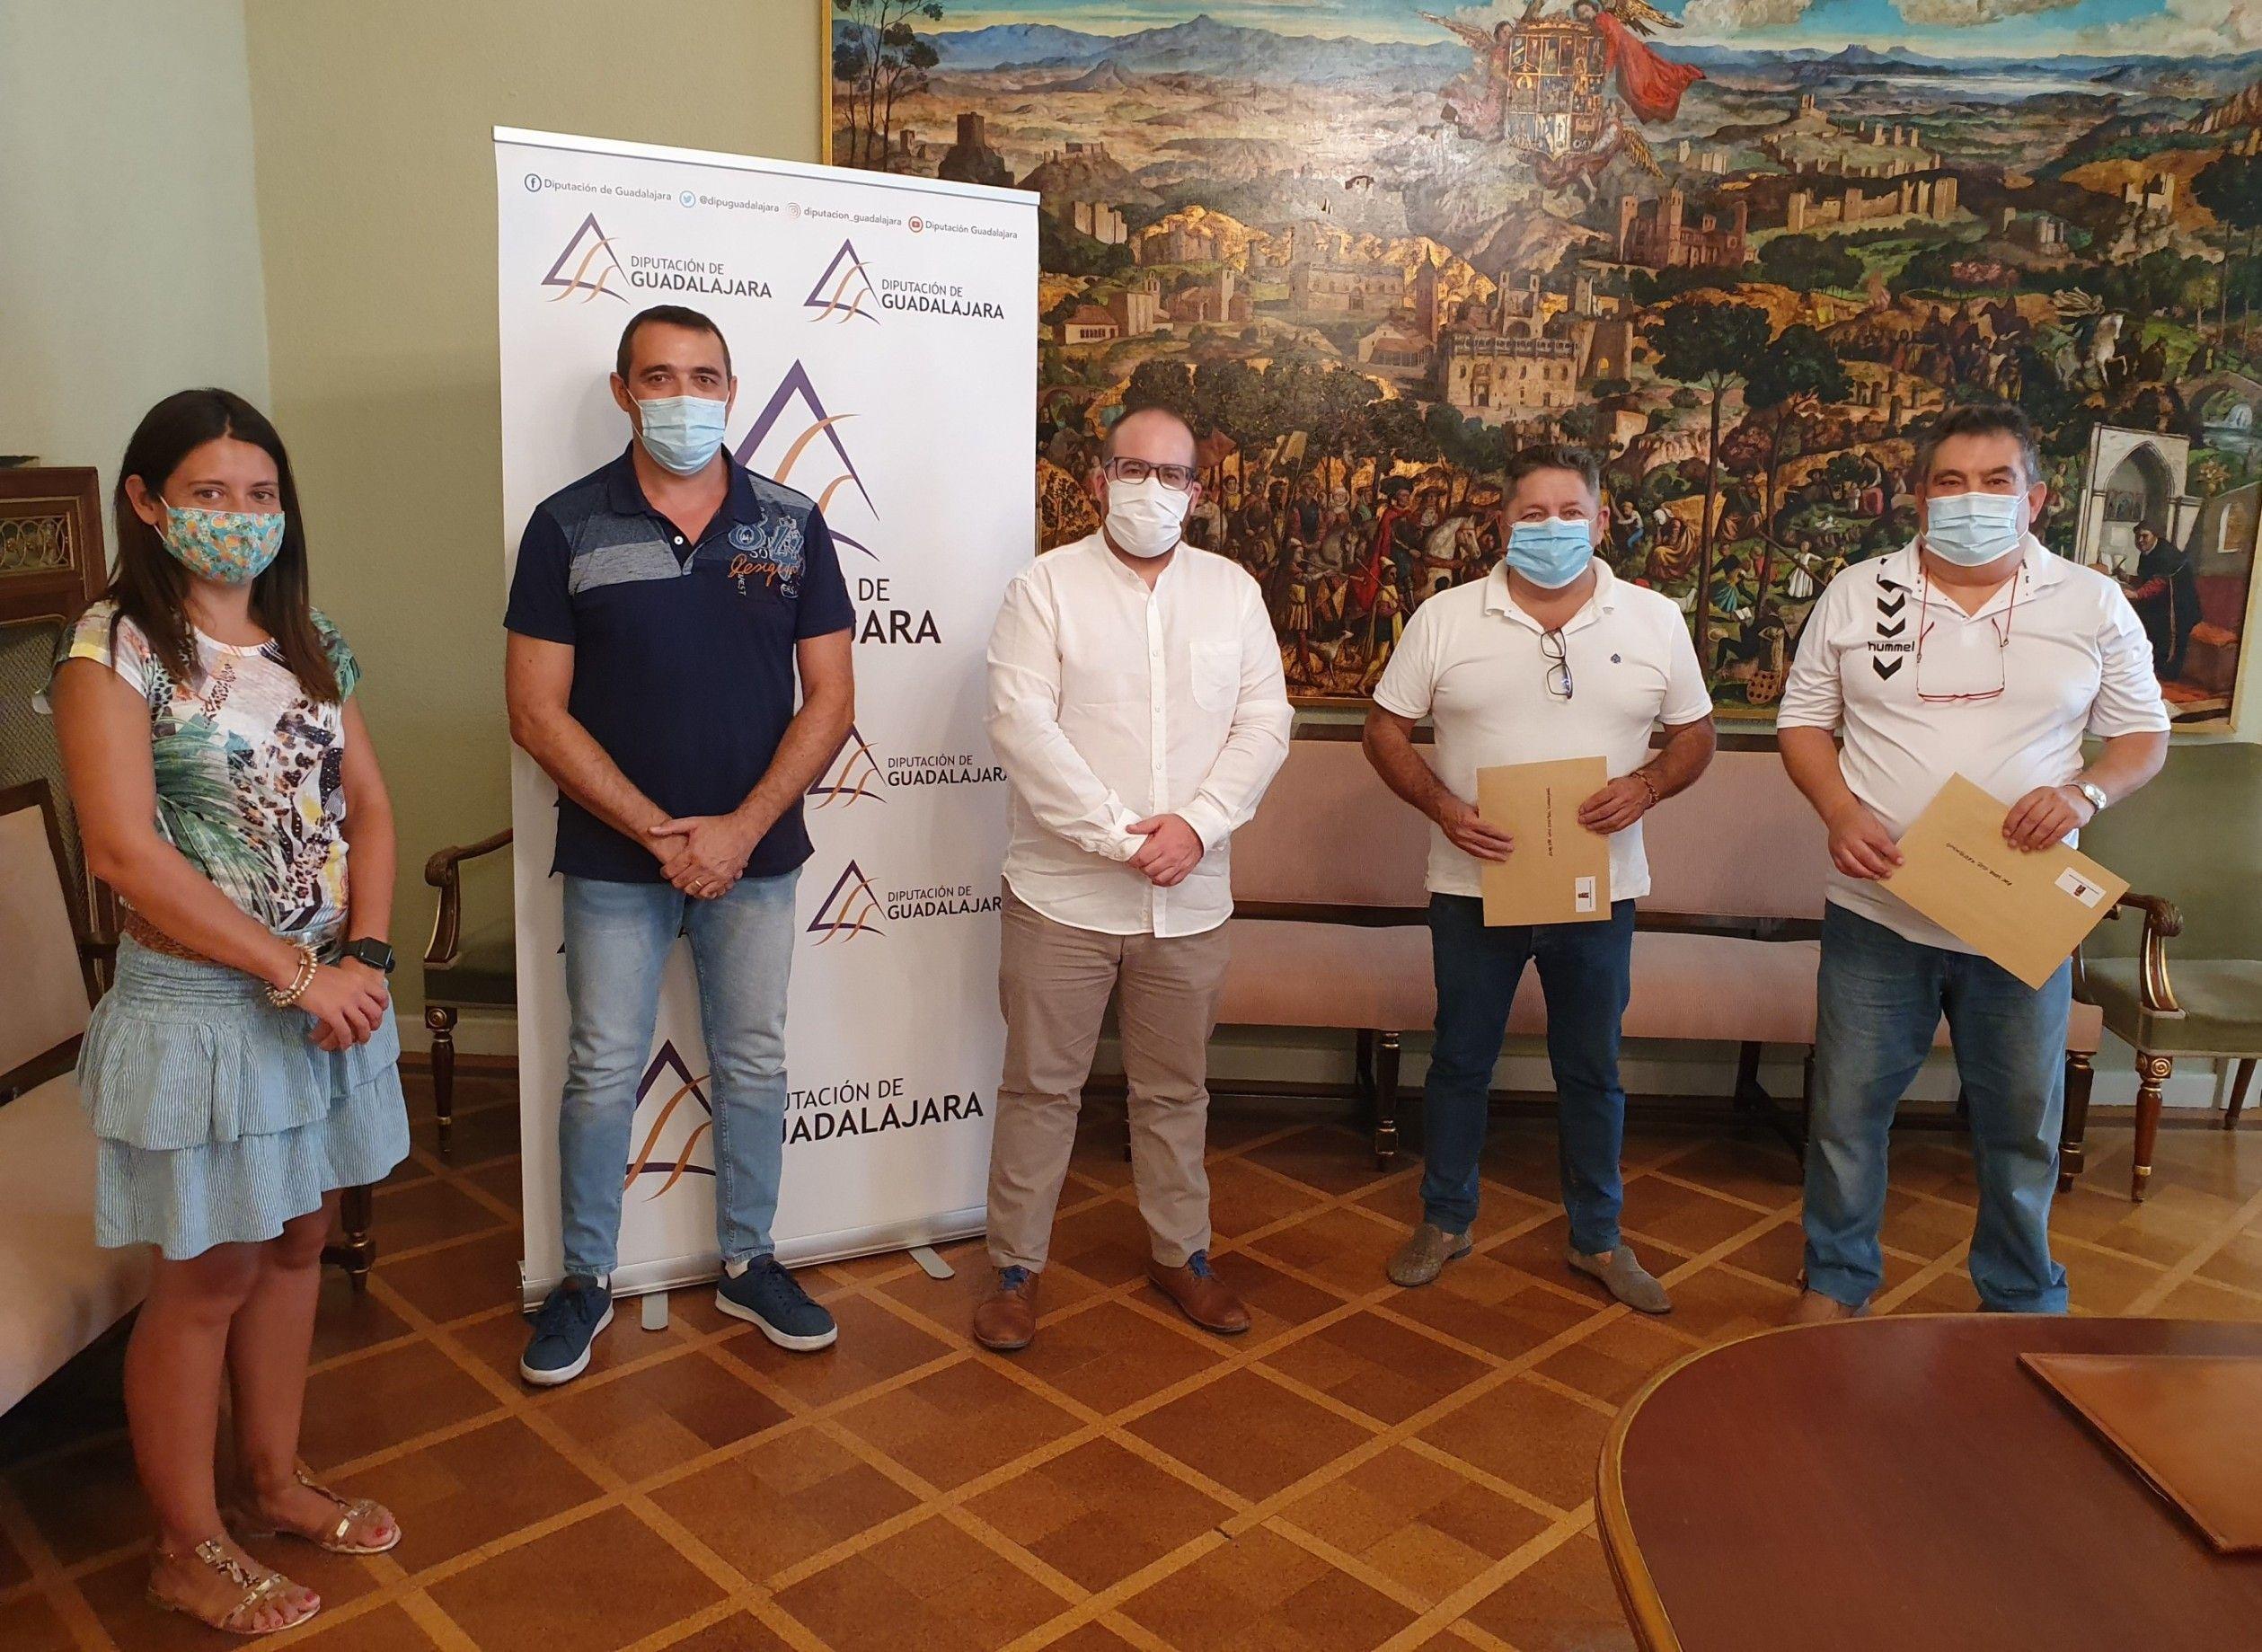 La Diputación aumenta su apoyo al deporte provincial ante la incertidumbre por la crisis sanitaria